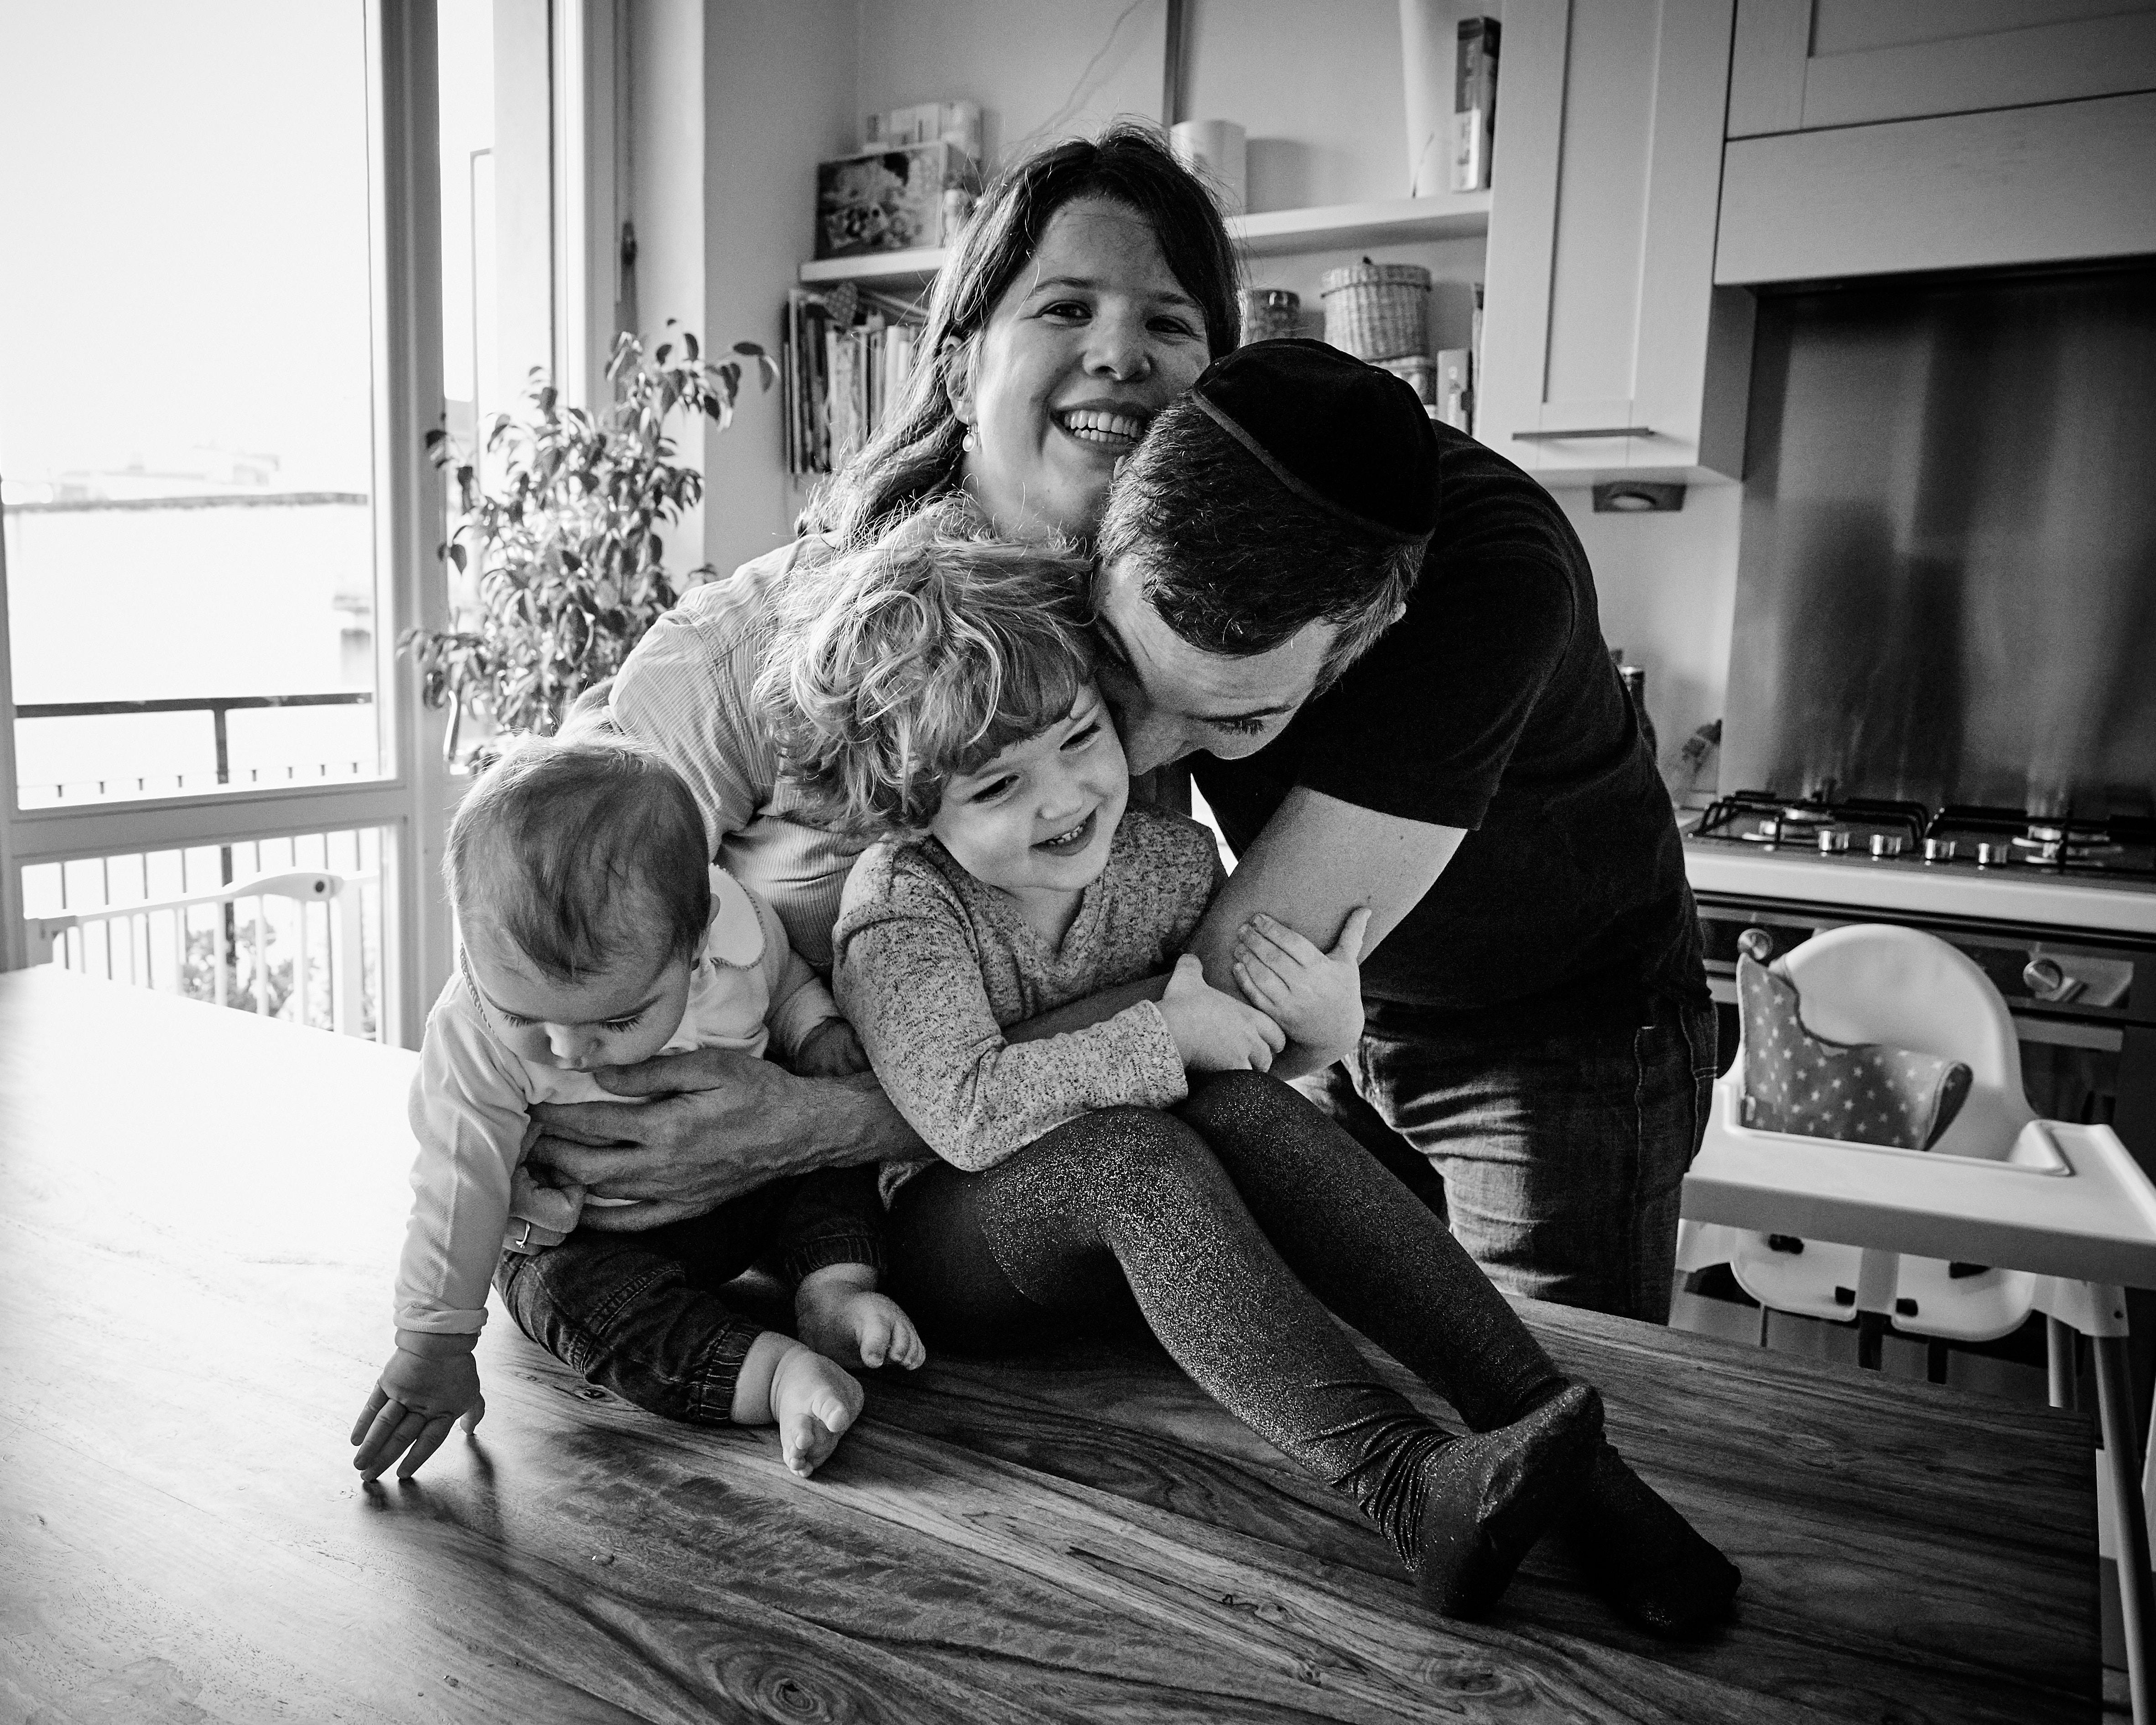 famiglia che ride insieme